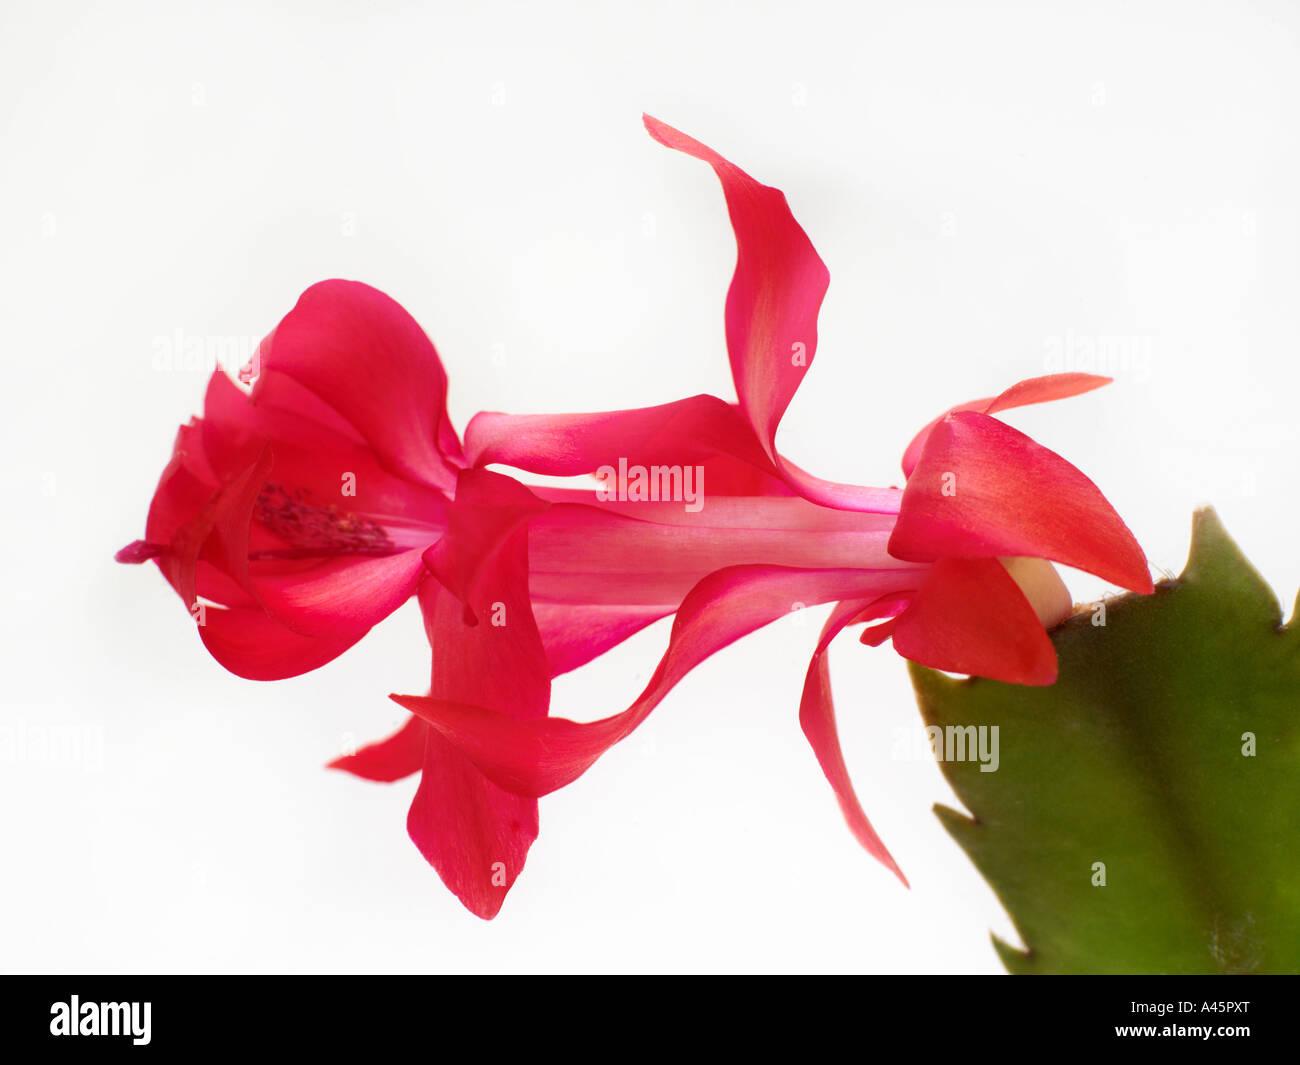 Recorte de cactus de navidad Imagen De Stock